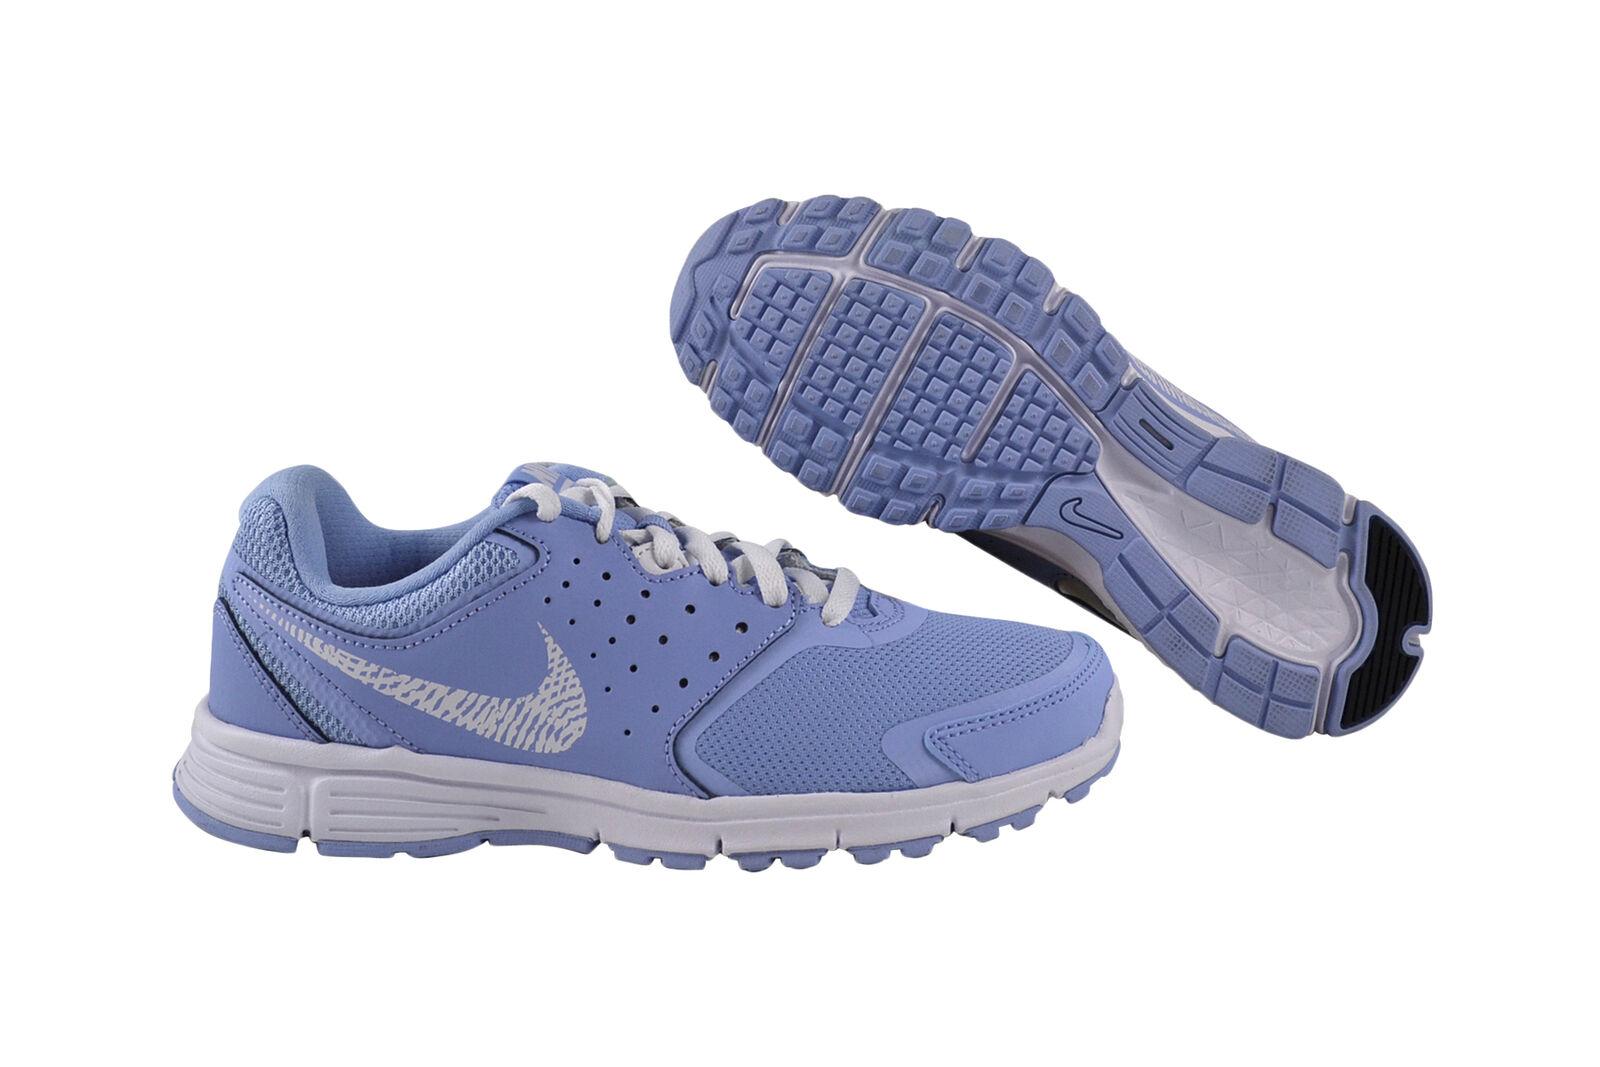 Nike wmns  revolución UE aluminum blanco-Bright Crimson zapatilla de deporte zapatos 706582-400  precios ultra bajos